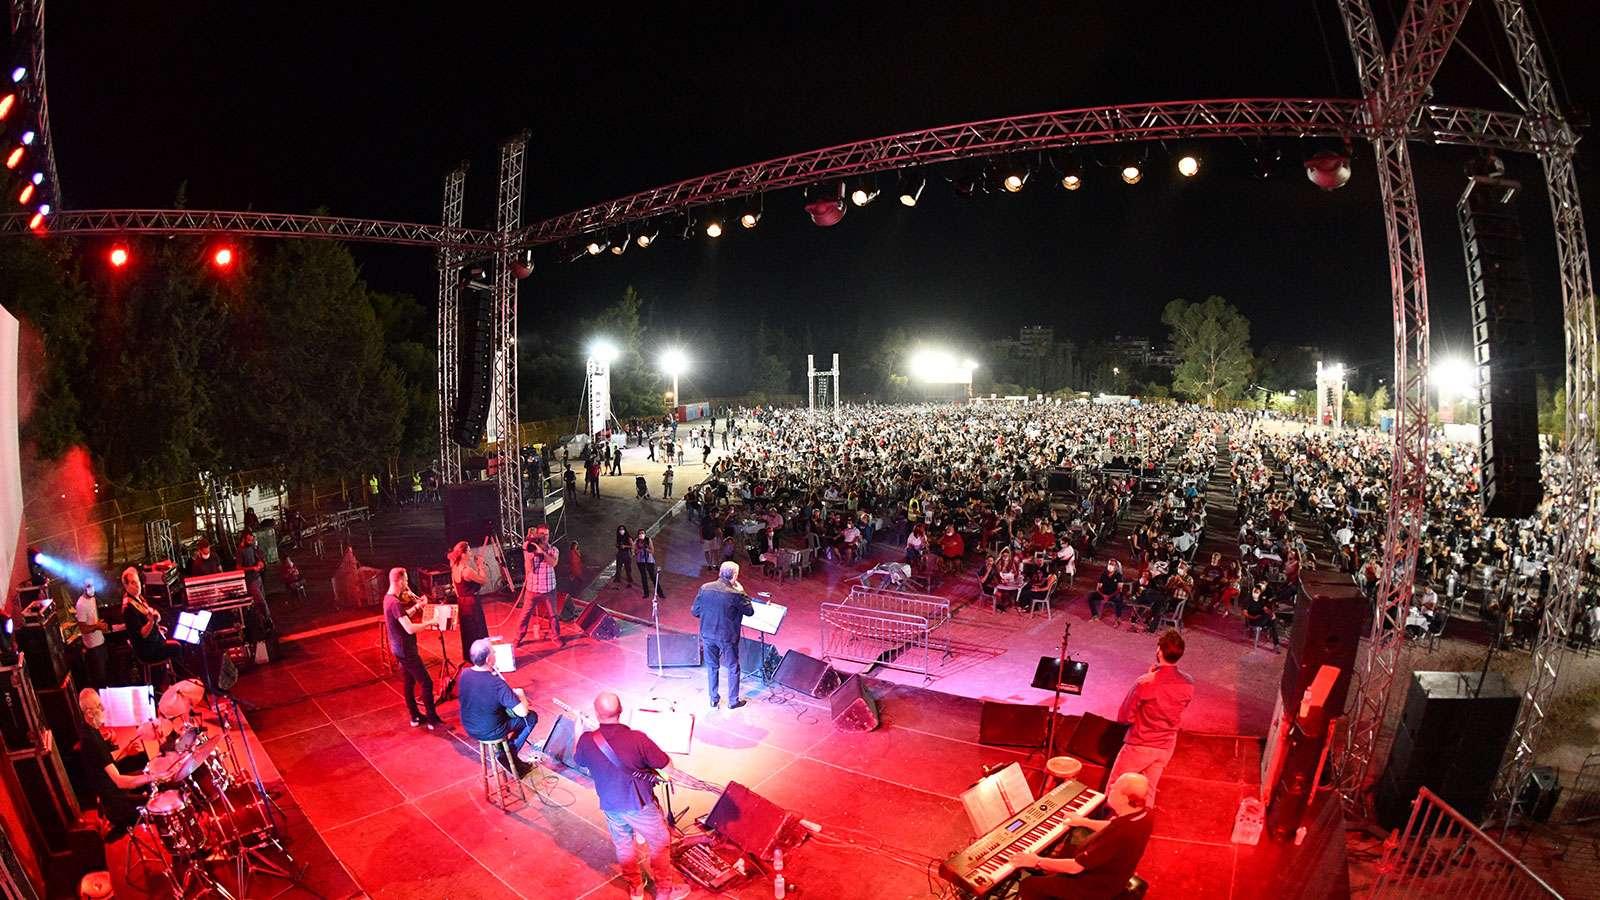 Μαργαρίτης 46ο Φεστιβάλ ΚΝΕ - «Οδηγητή», Πανεπιστημιούπολη Ζωγράφου